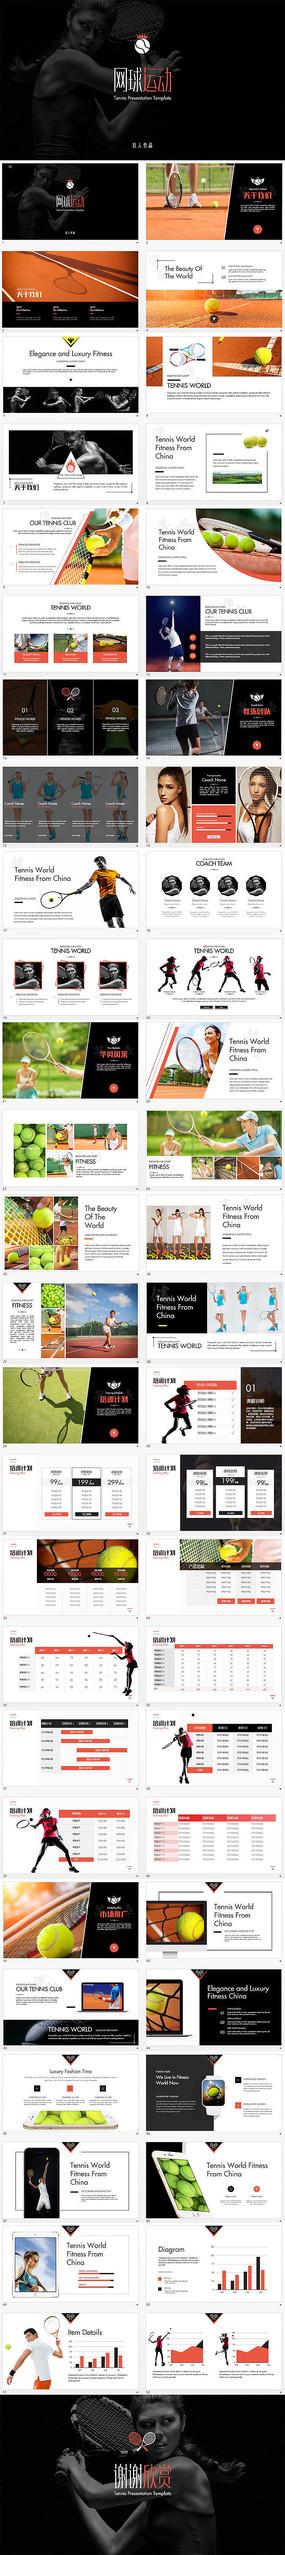 网球运动体育比赛教学培训PPT模板